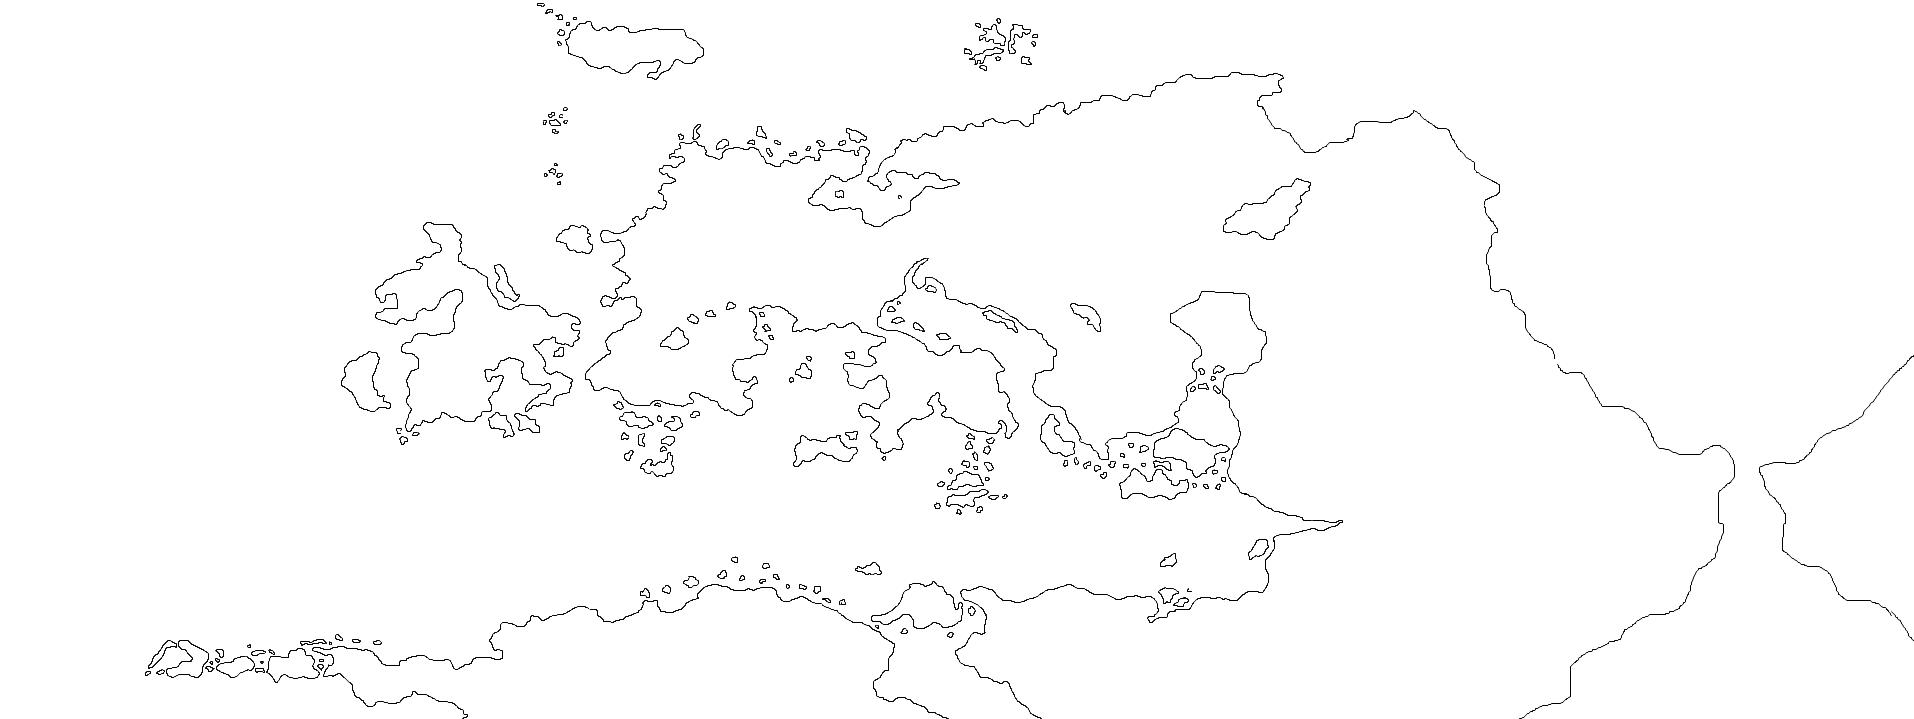 Карта для Содружества